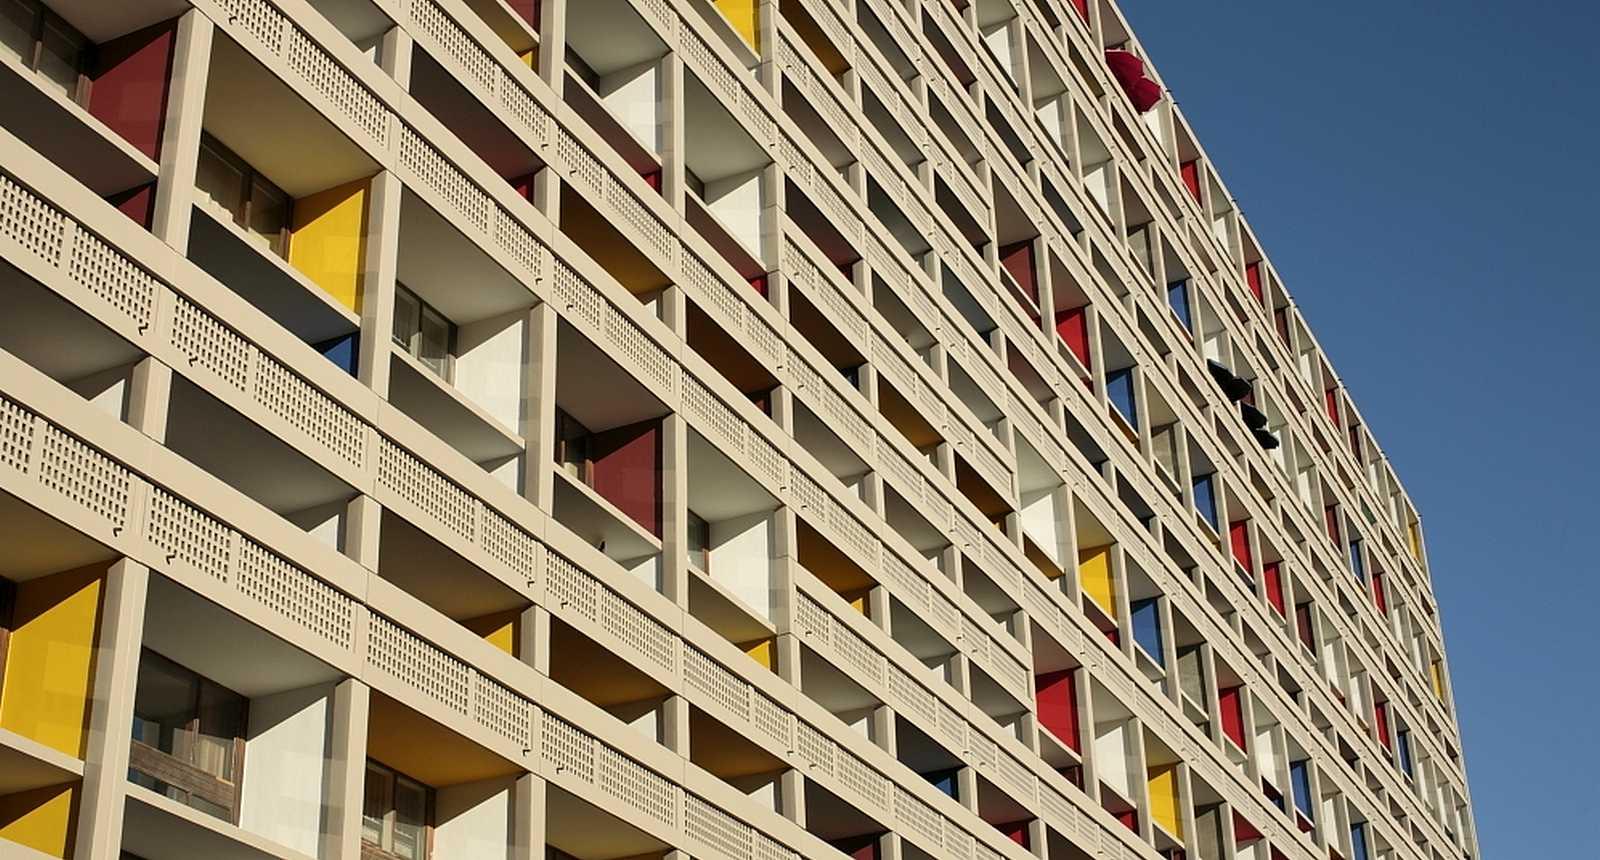 La Cité Radieuse de Le Corbusier à Briey